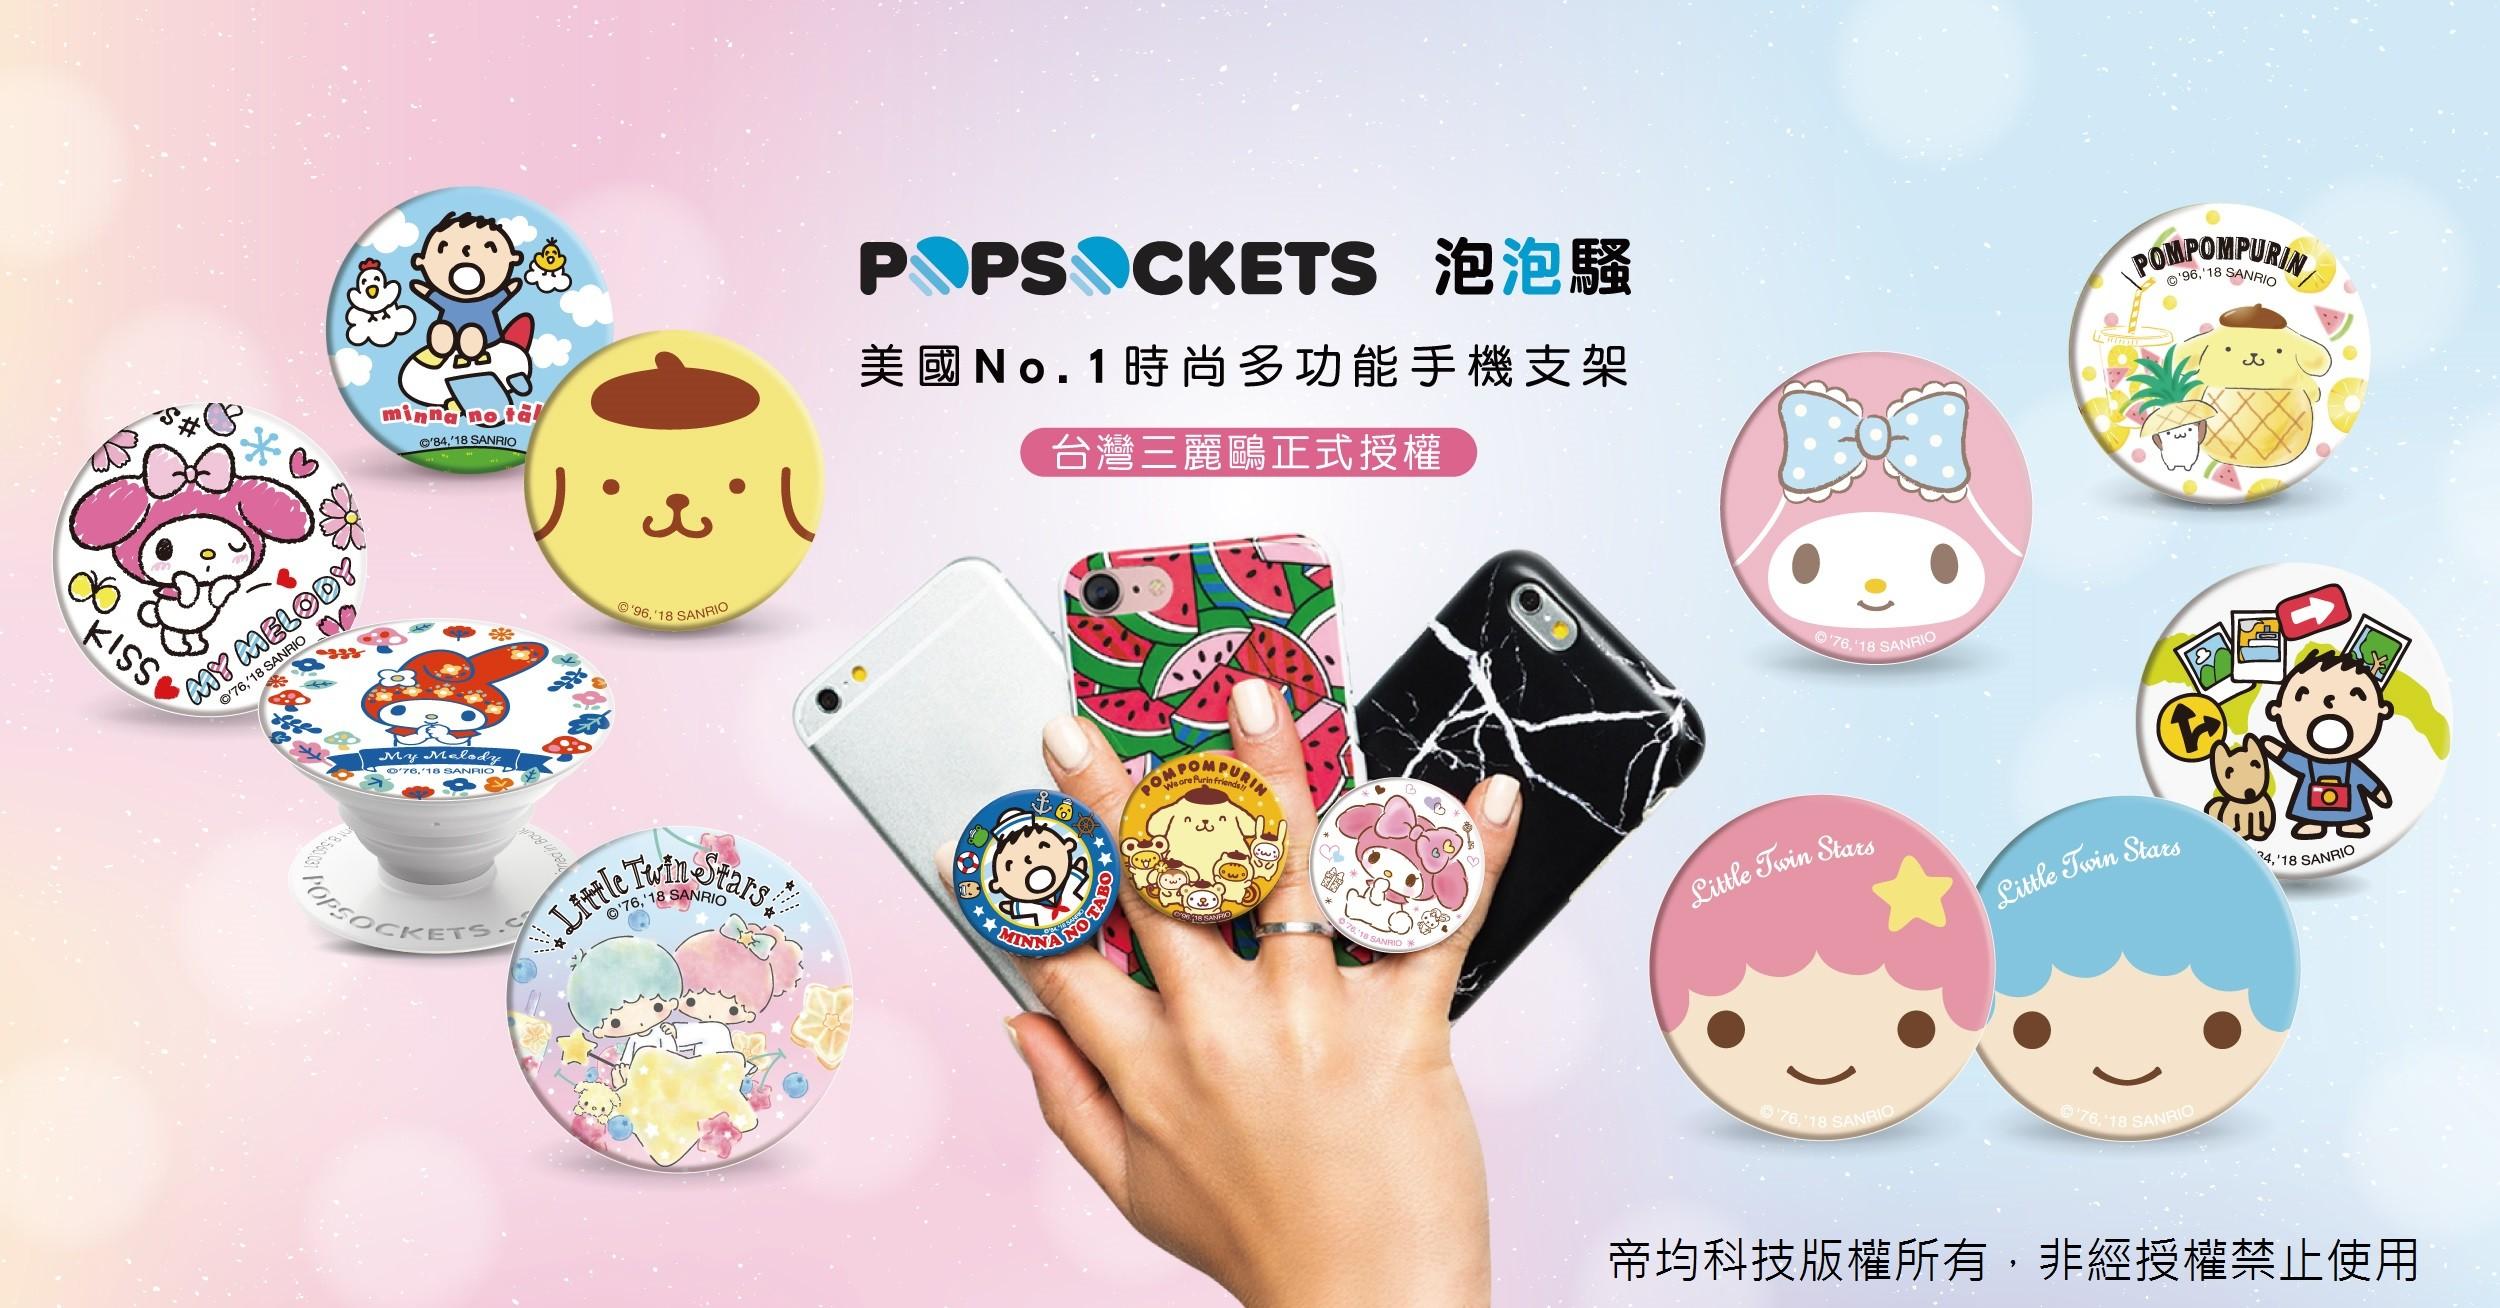 帝均科技有限公司, , Sanrio, PopSockets, Wugong 5th Road, , , , , , nail, product, finger, product, nail, easter egg, food, font